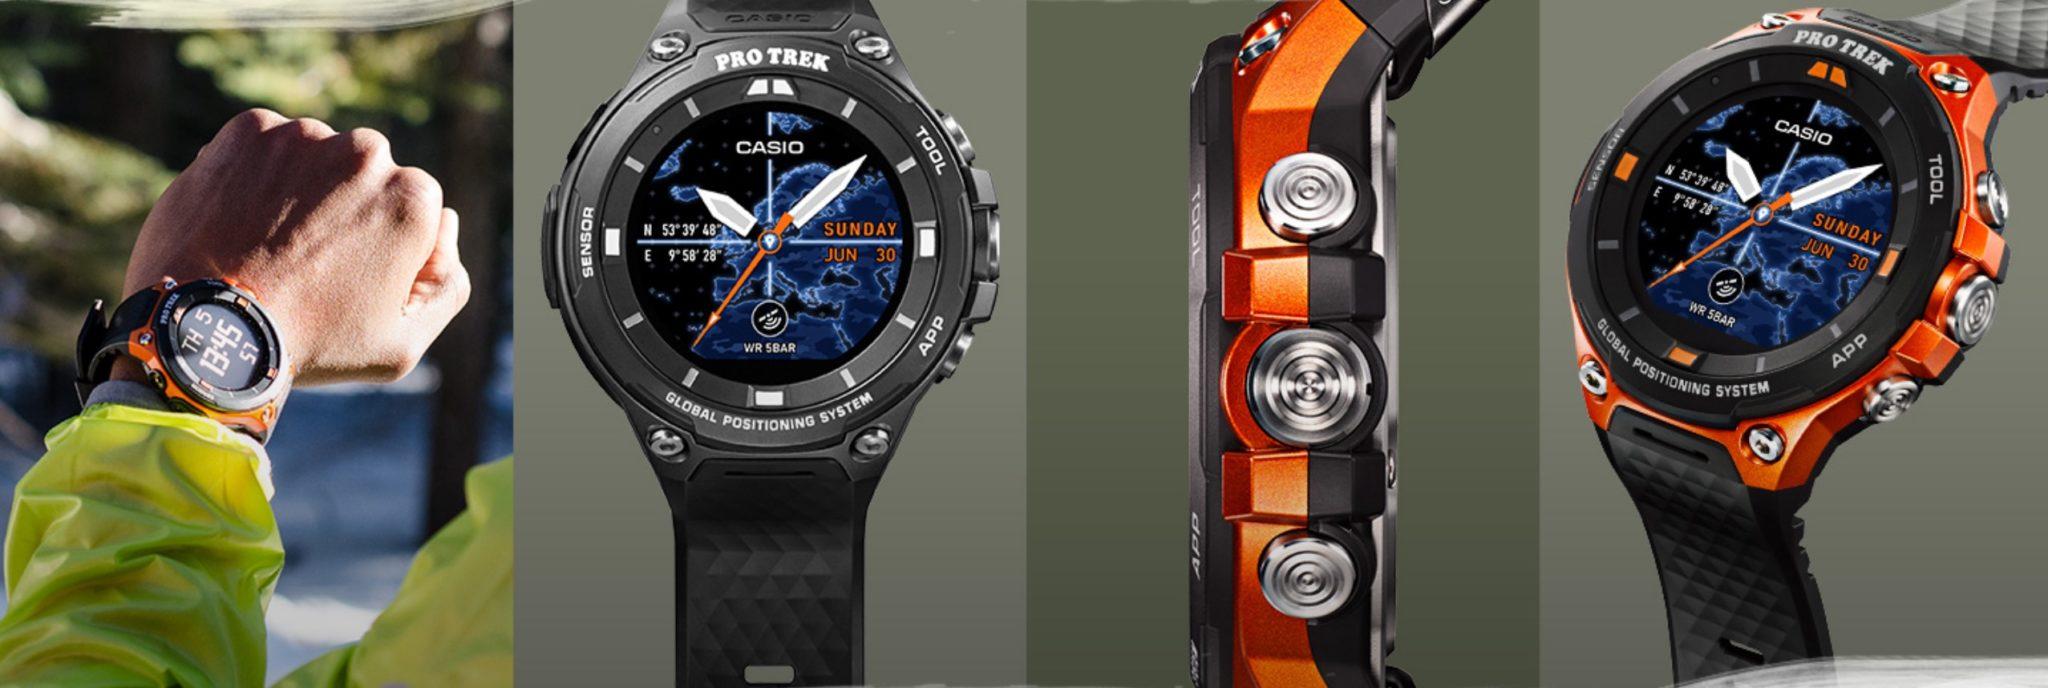 Casio dévoile la smartwatch GPS des aventuriers qui se